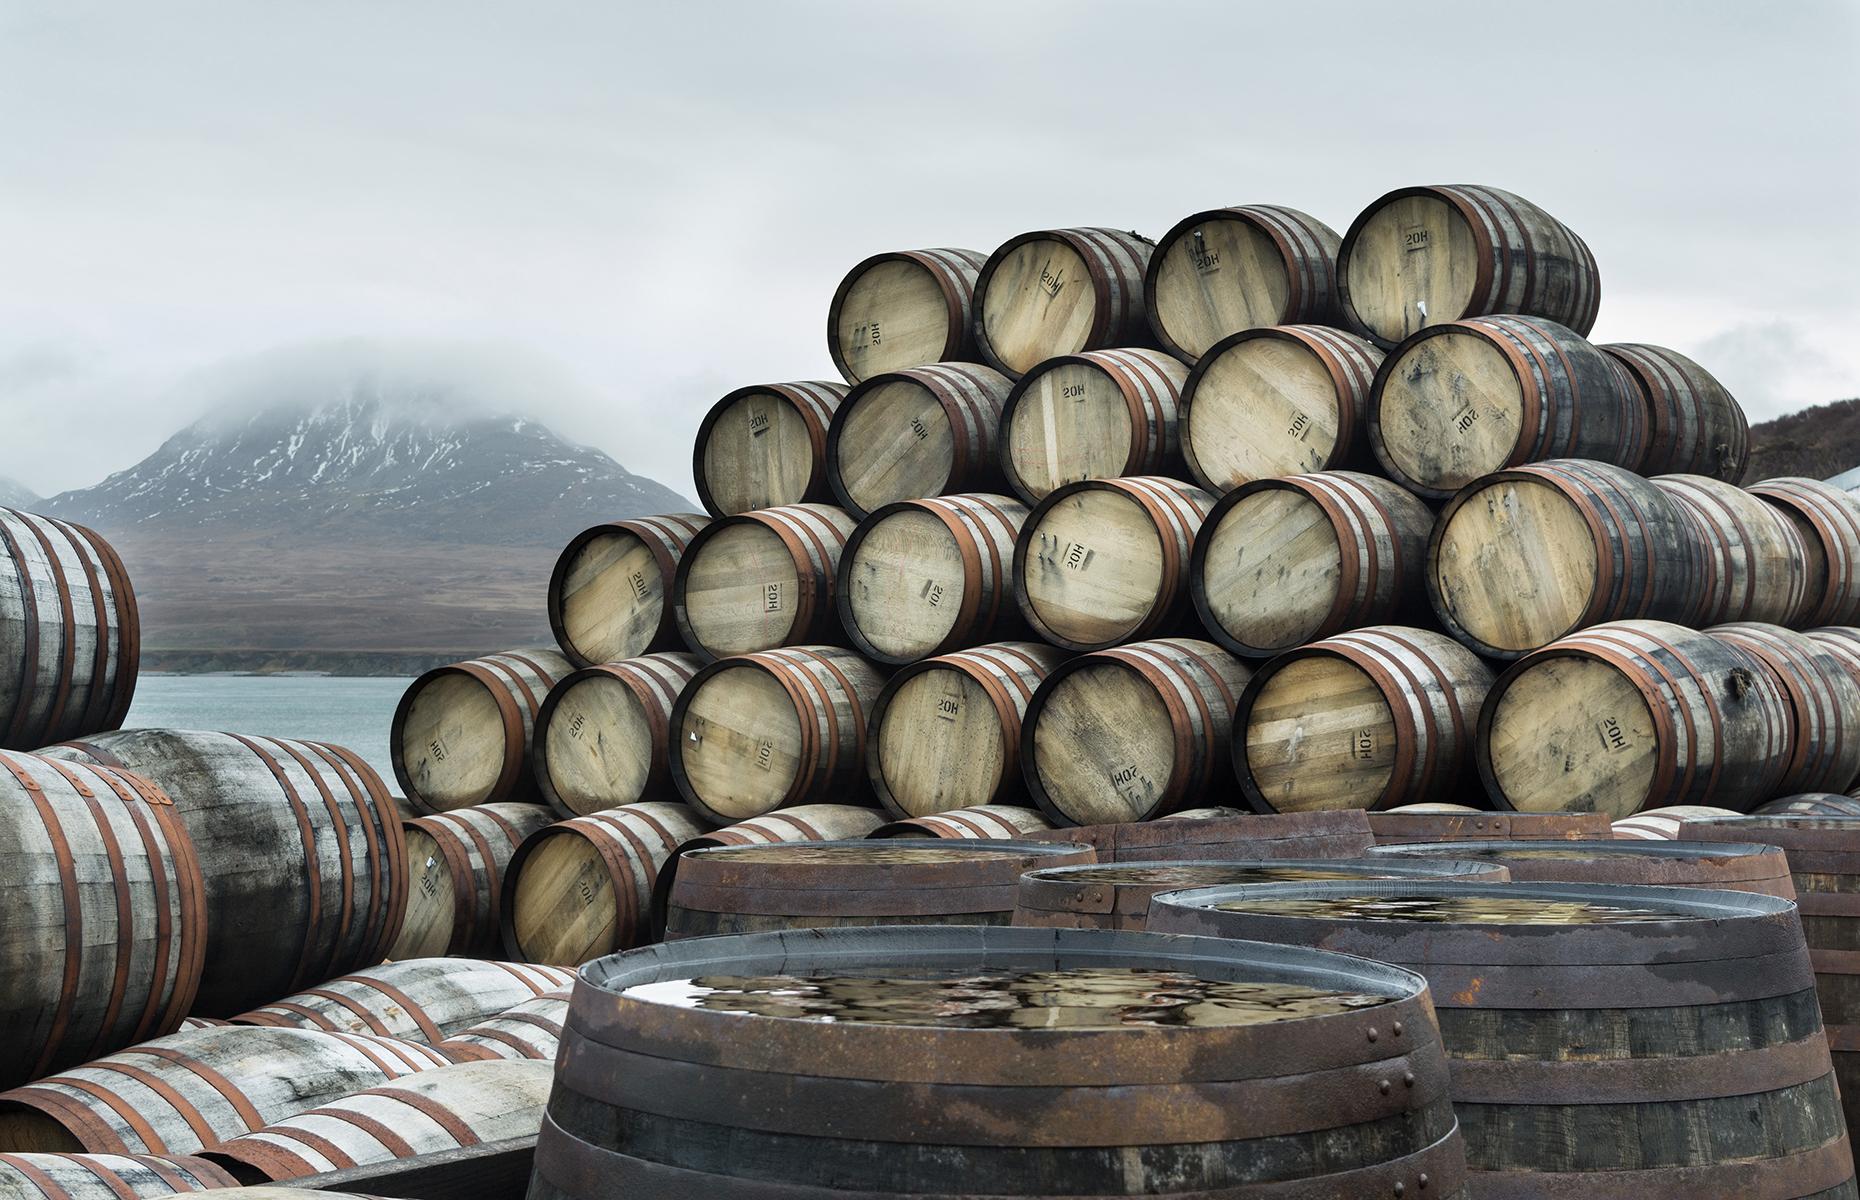 Bunnahabhain distillery